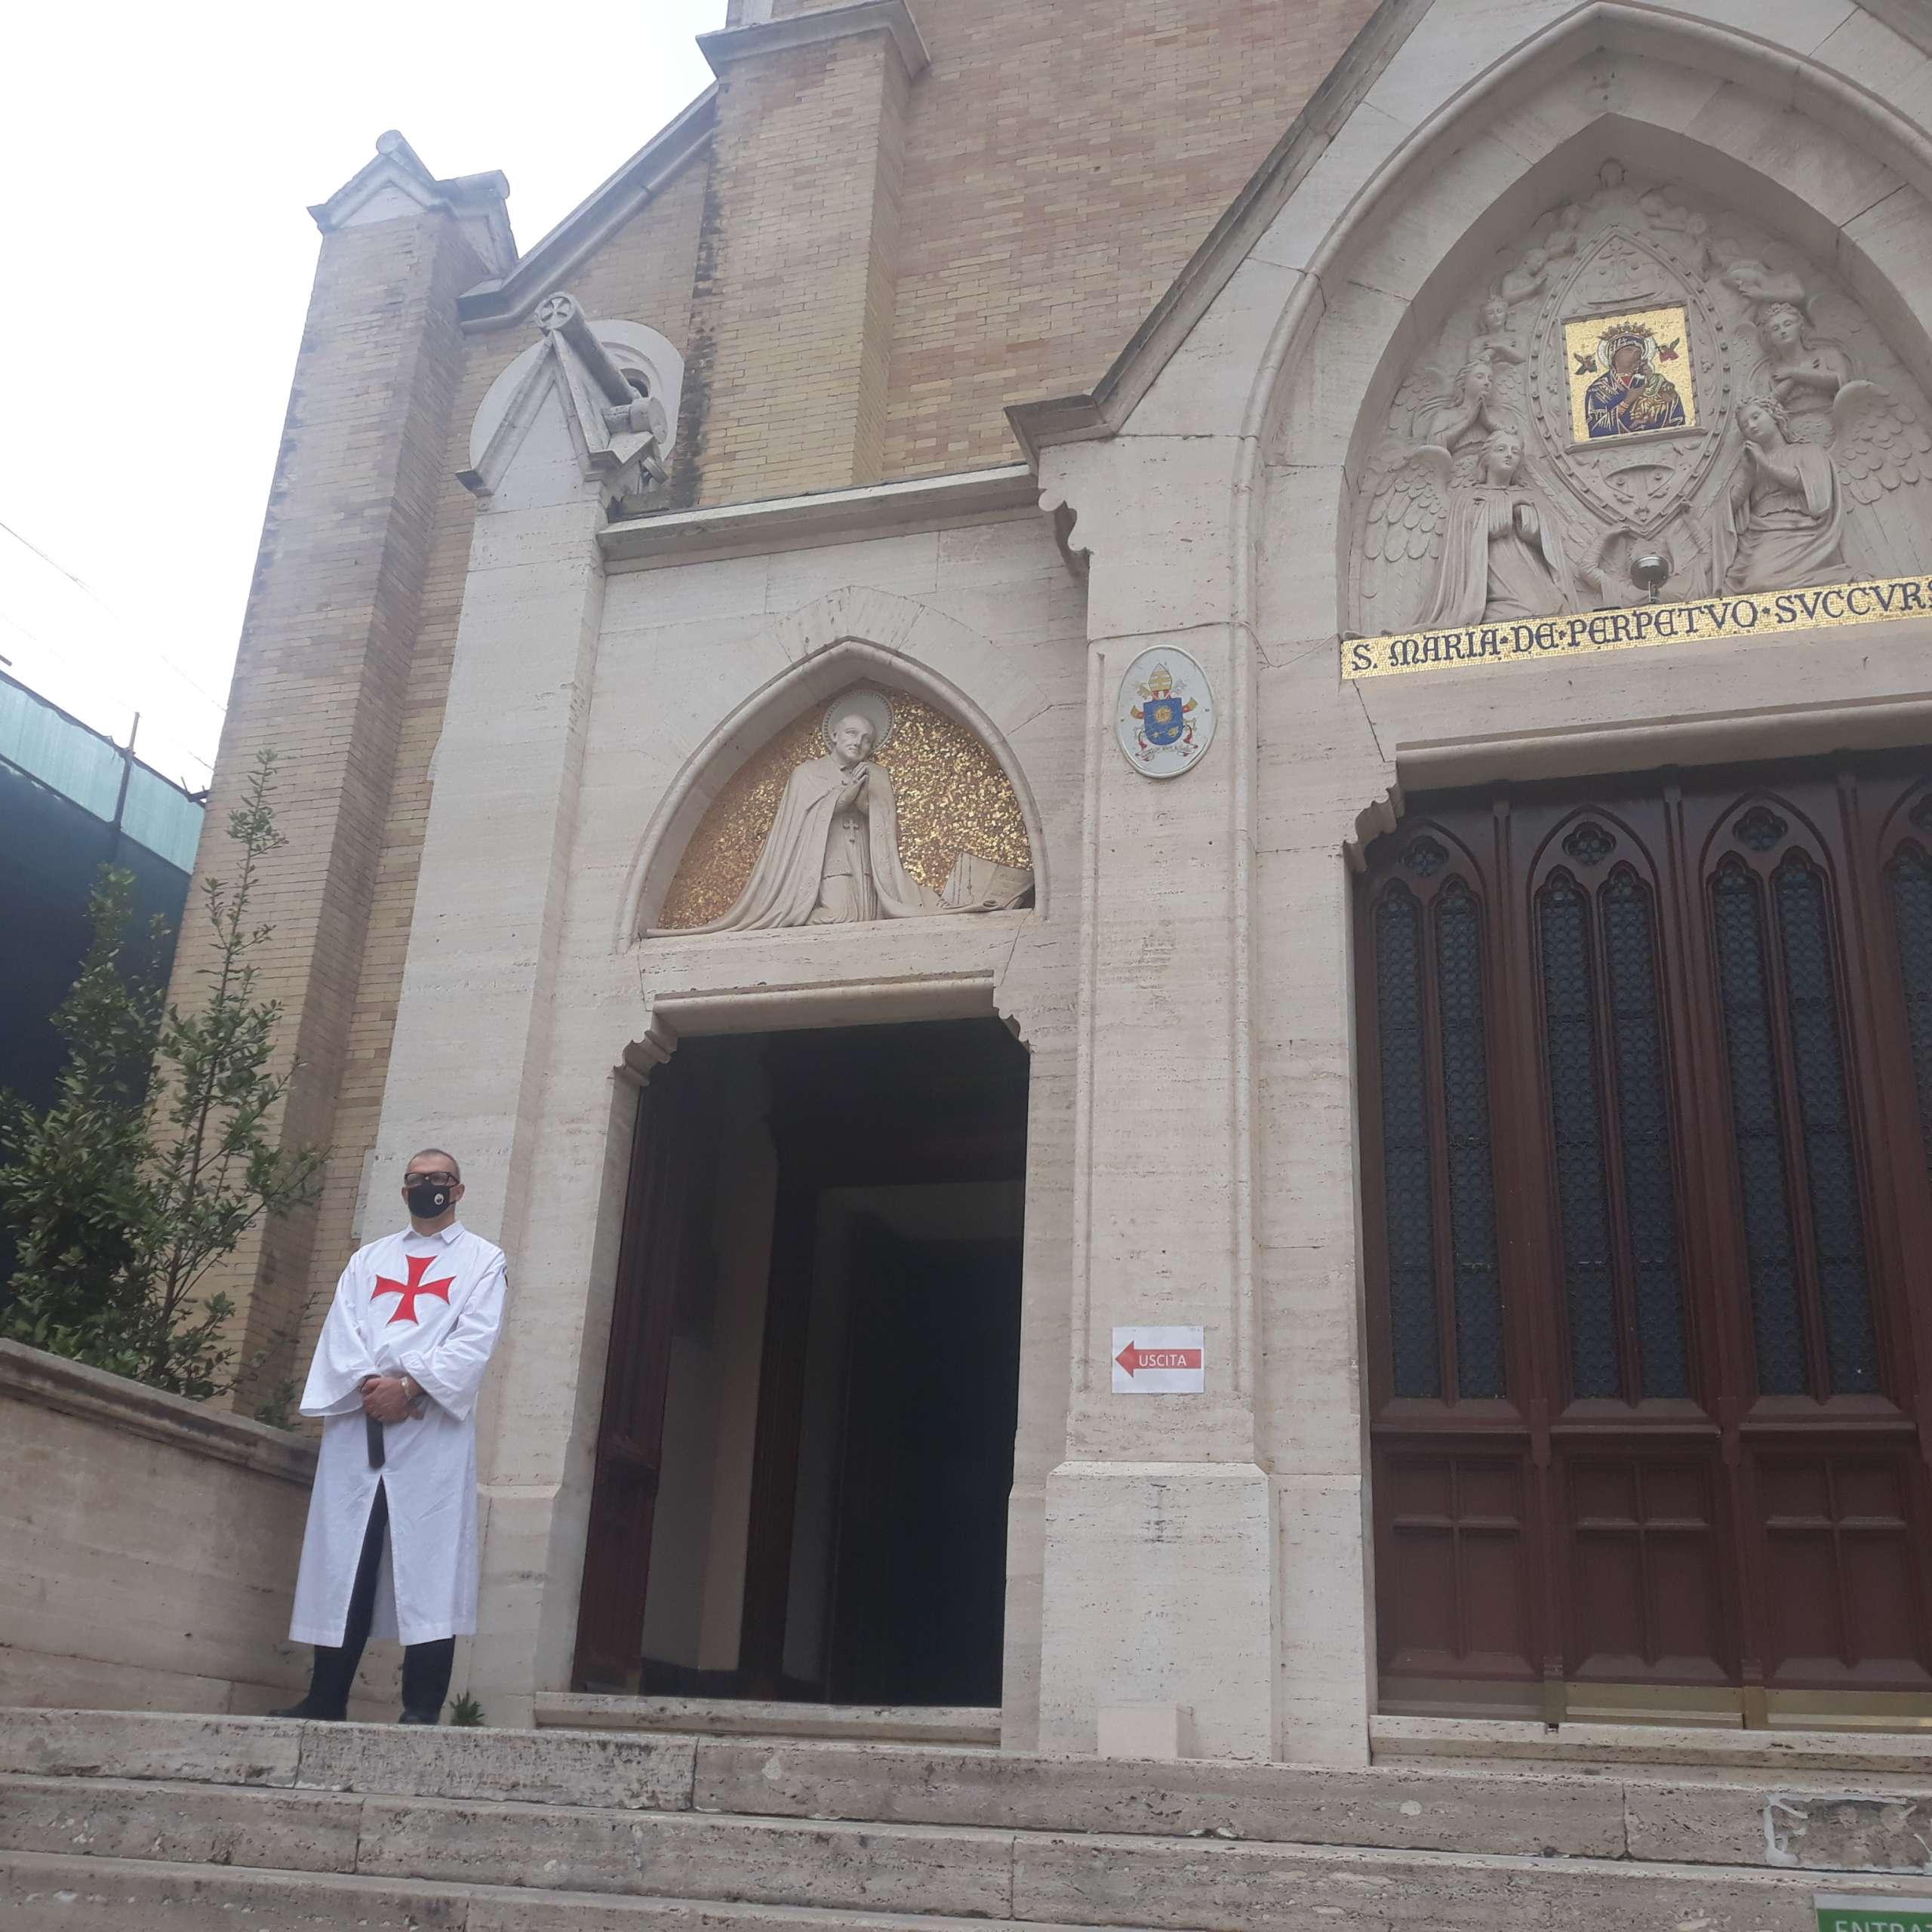 Custodia presso la Chiesa di Sant'Alfonso all' Esquilino – Roma 26.09.2021